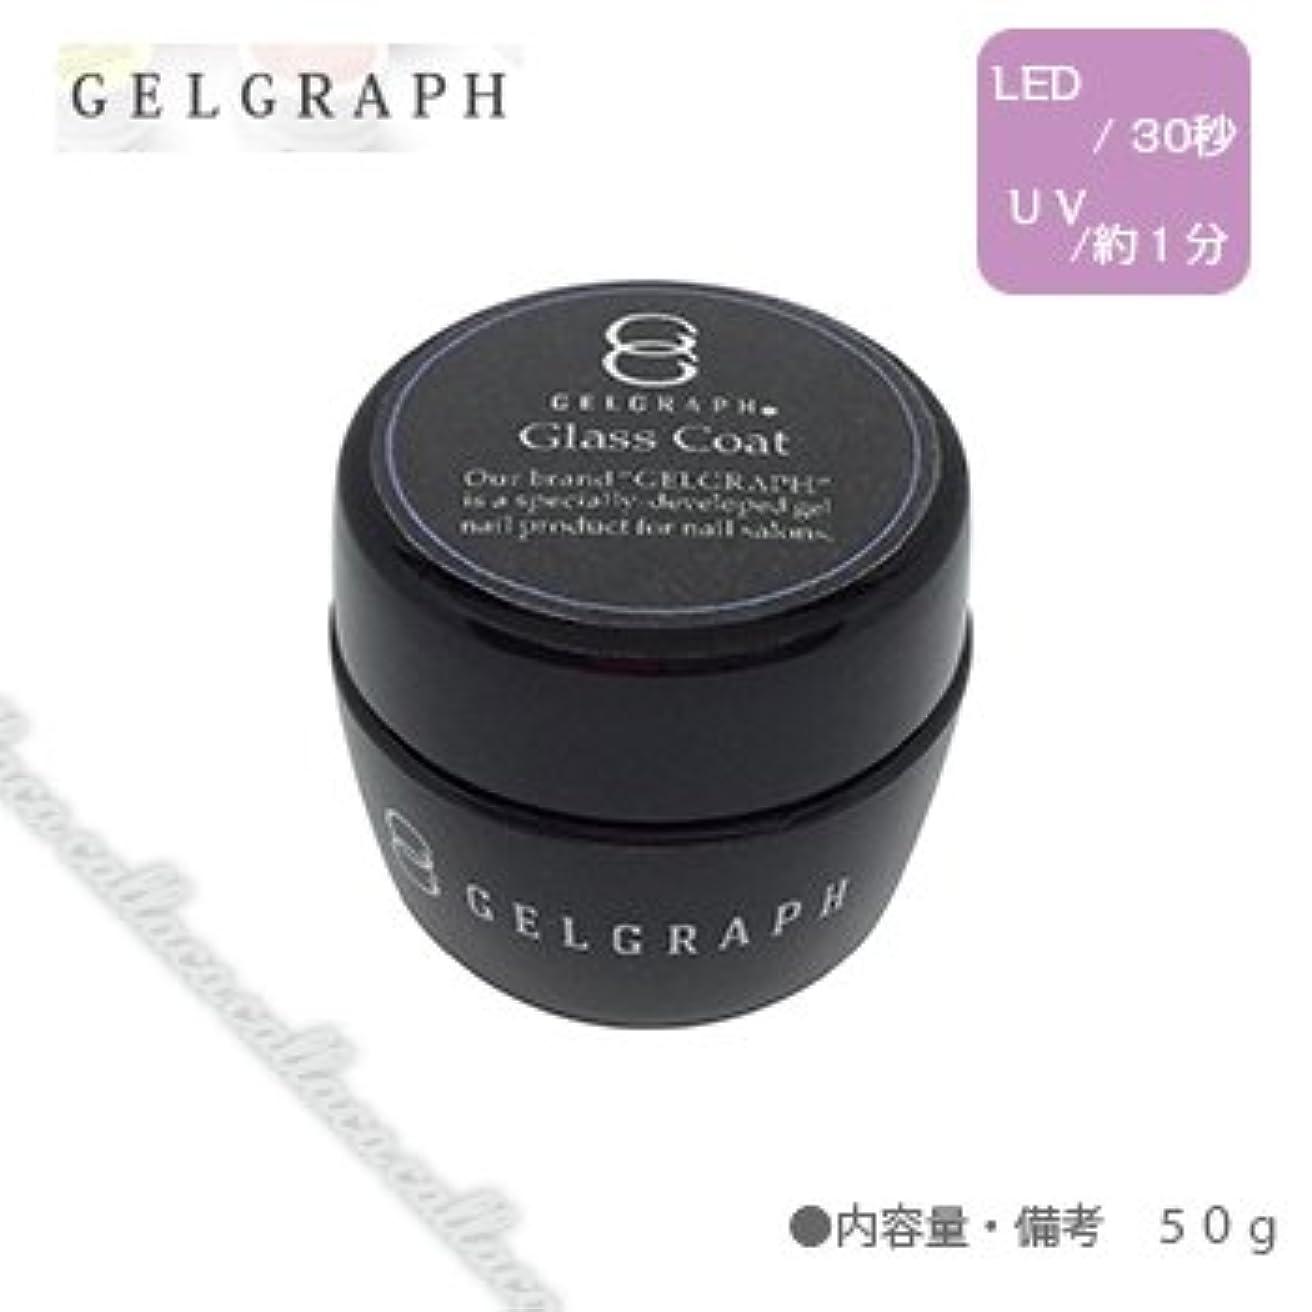 増強剥ぎ取る相手GELGRAPH ジェルグラフ グラスコート 10gジェルグラフ グラスコート 50g